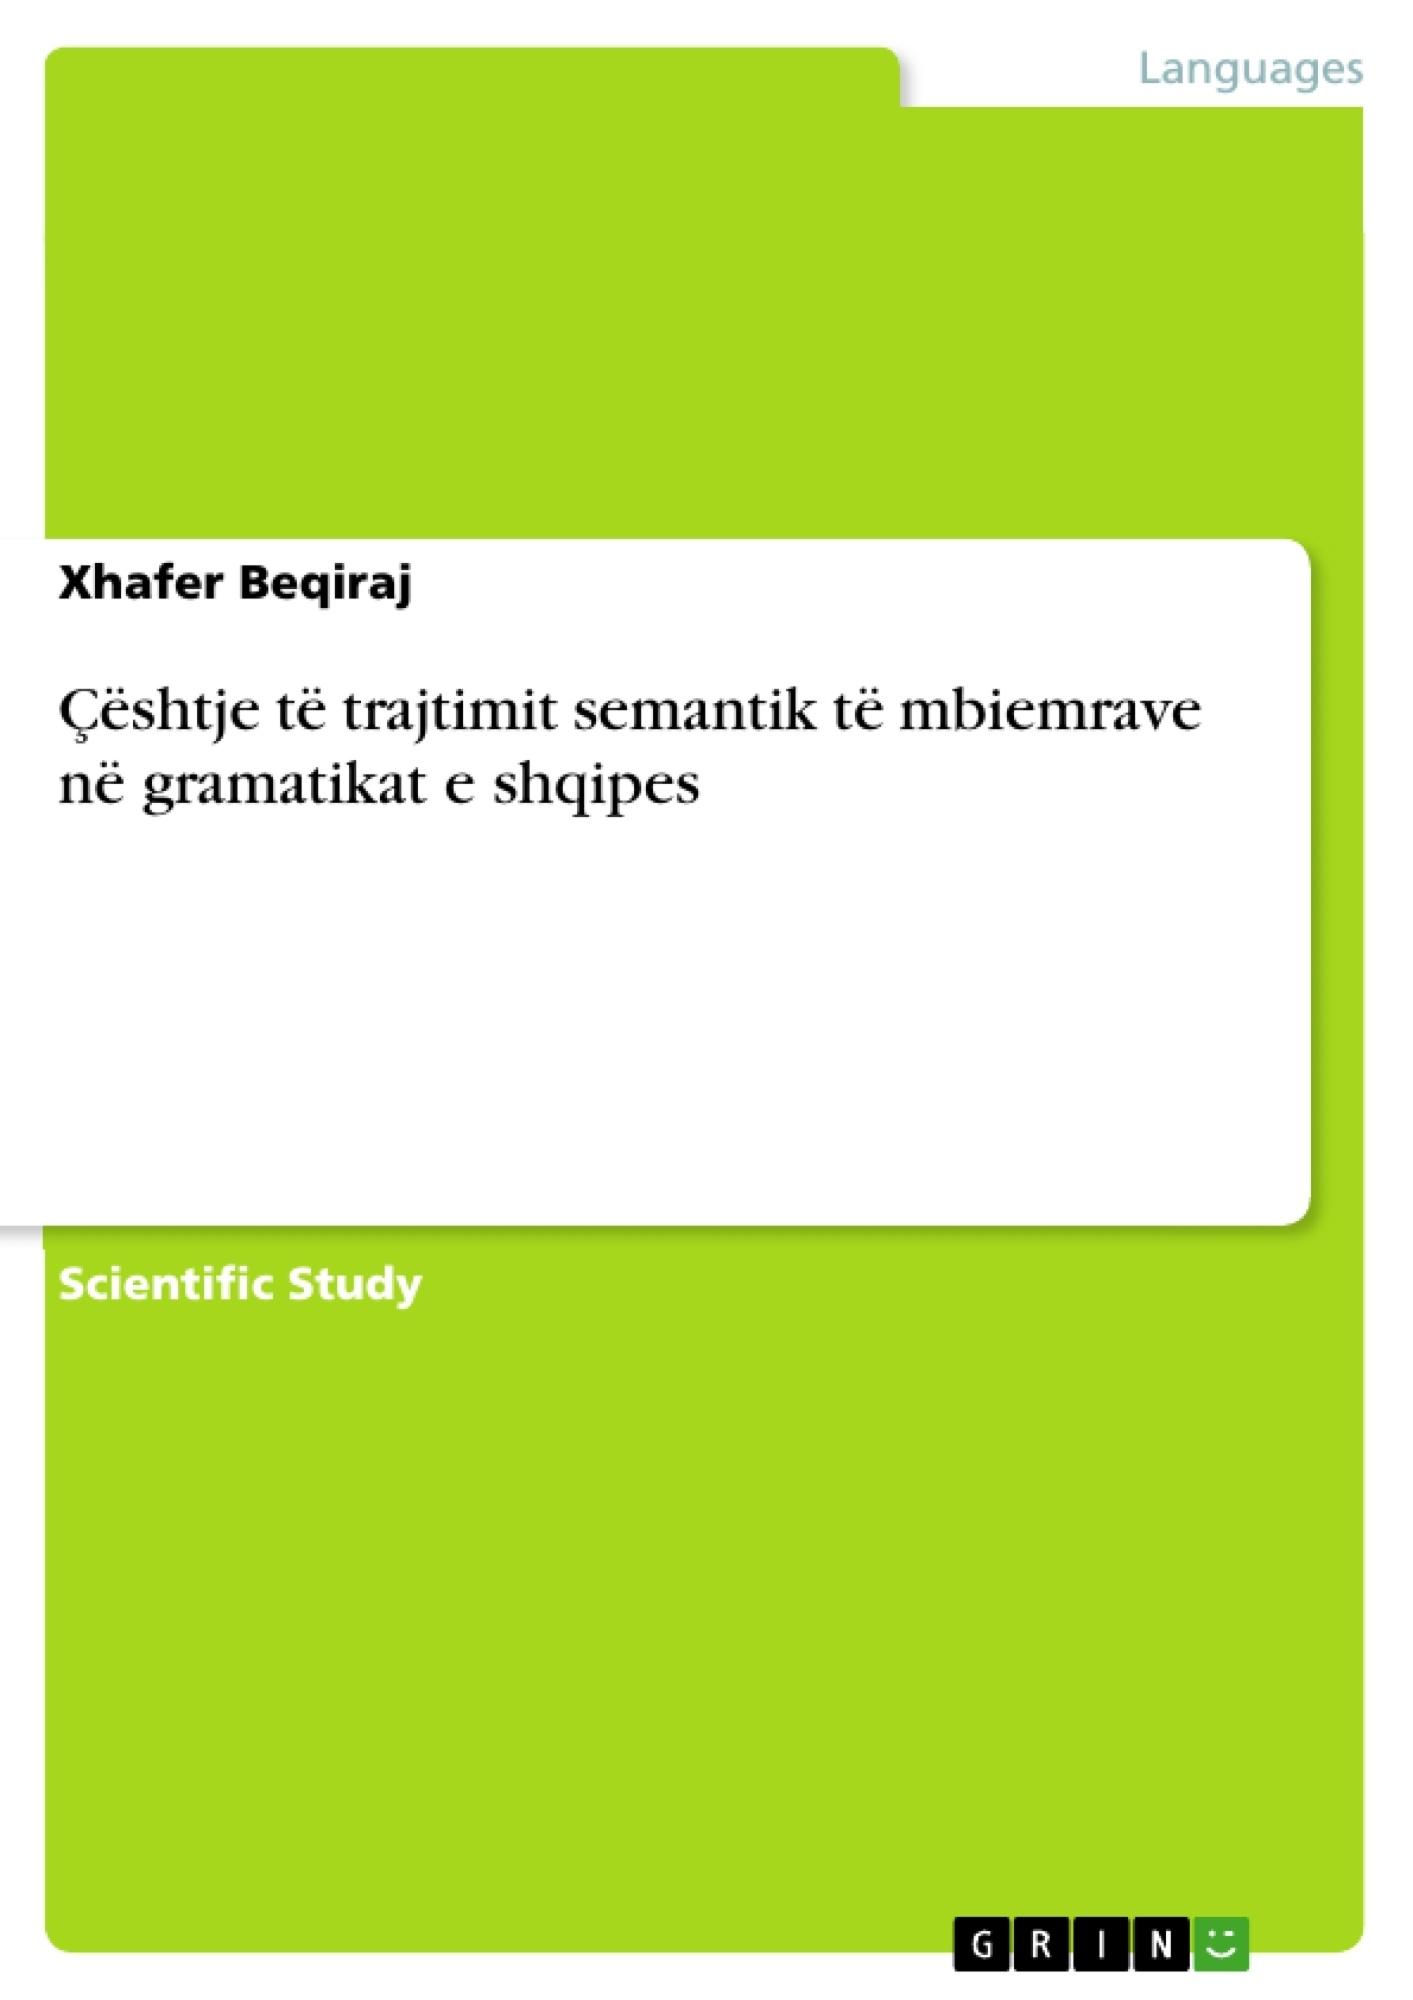 Title: Çështje të trajtimit semantik të mbiemrave në gramatikat e shqipes